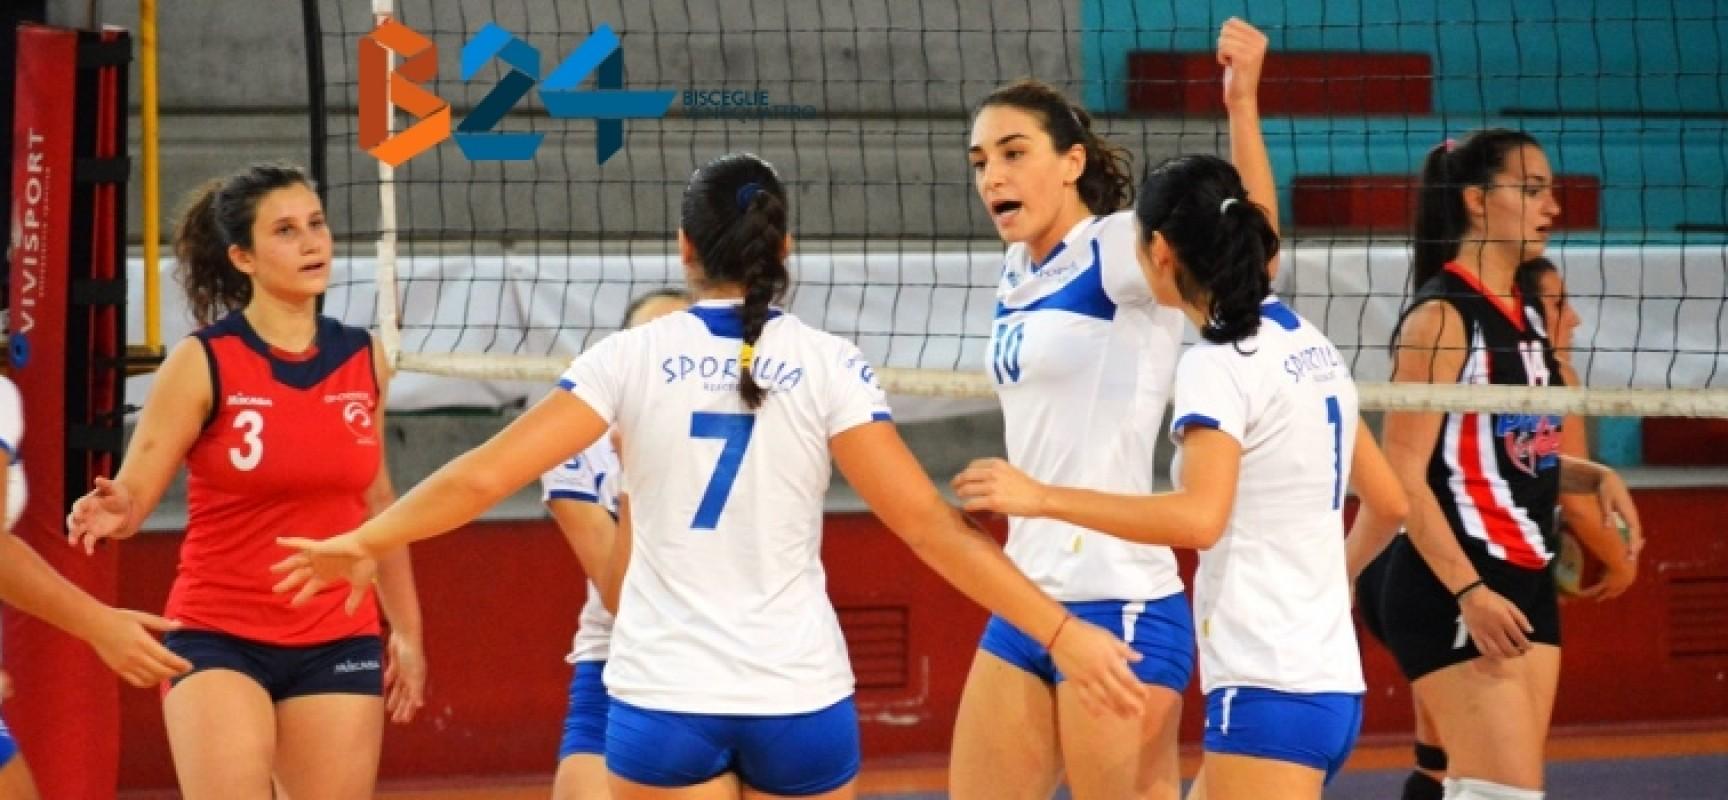 Sportilia torna in scena al PalaDolmen e cerca punti importanti contro il Pianeta Sport Bitetto